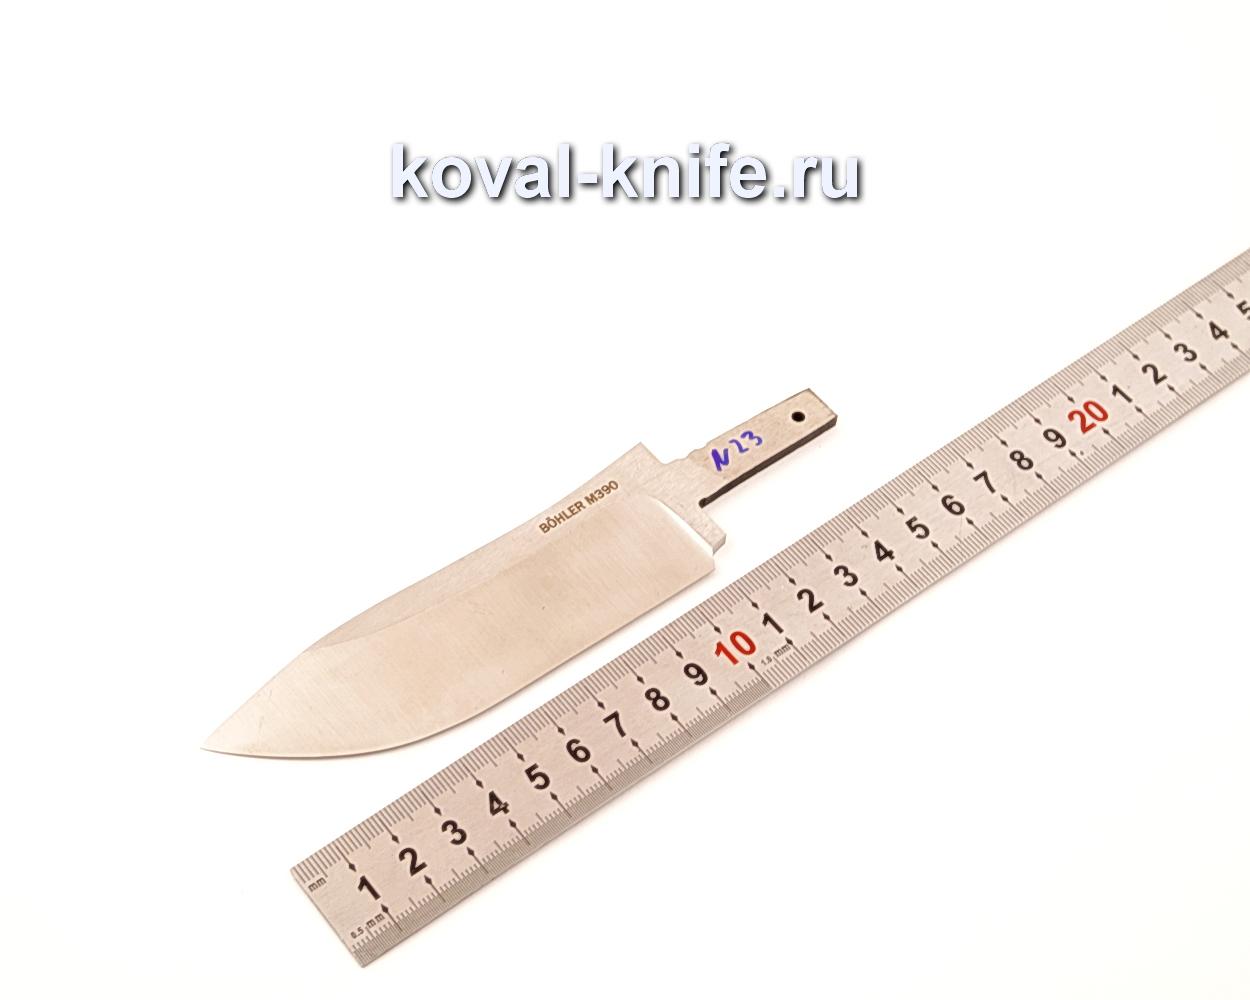 Клинок для ножа из порошковой стали Bohler M390 N23